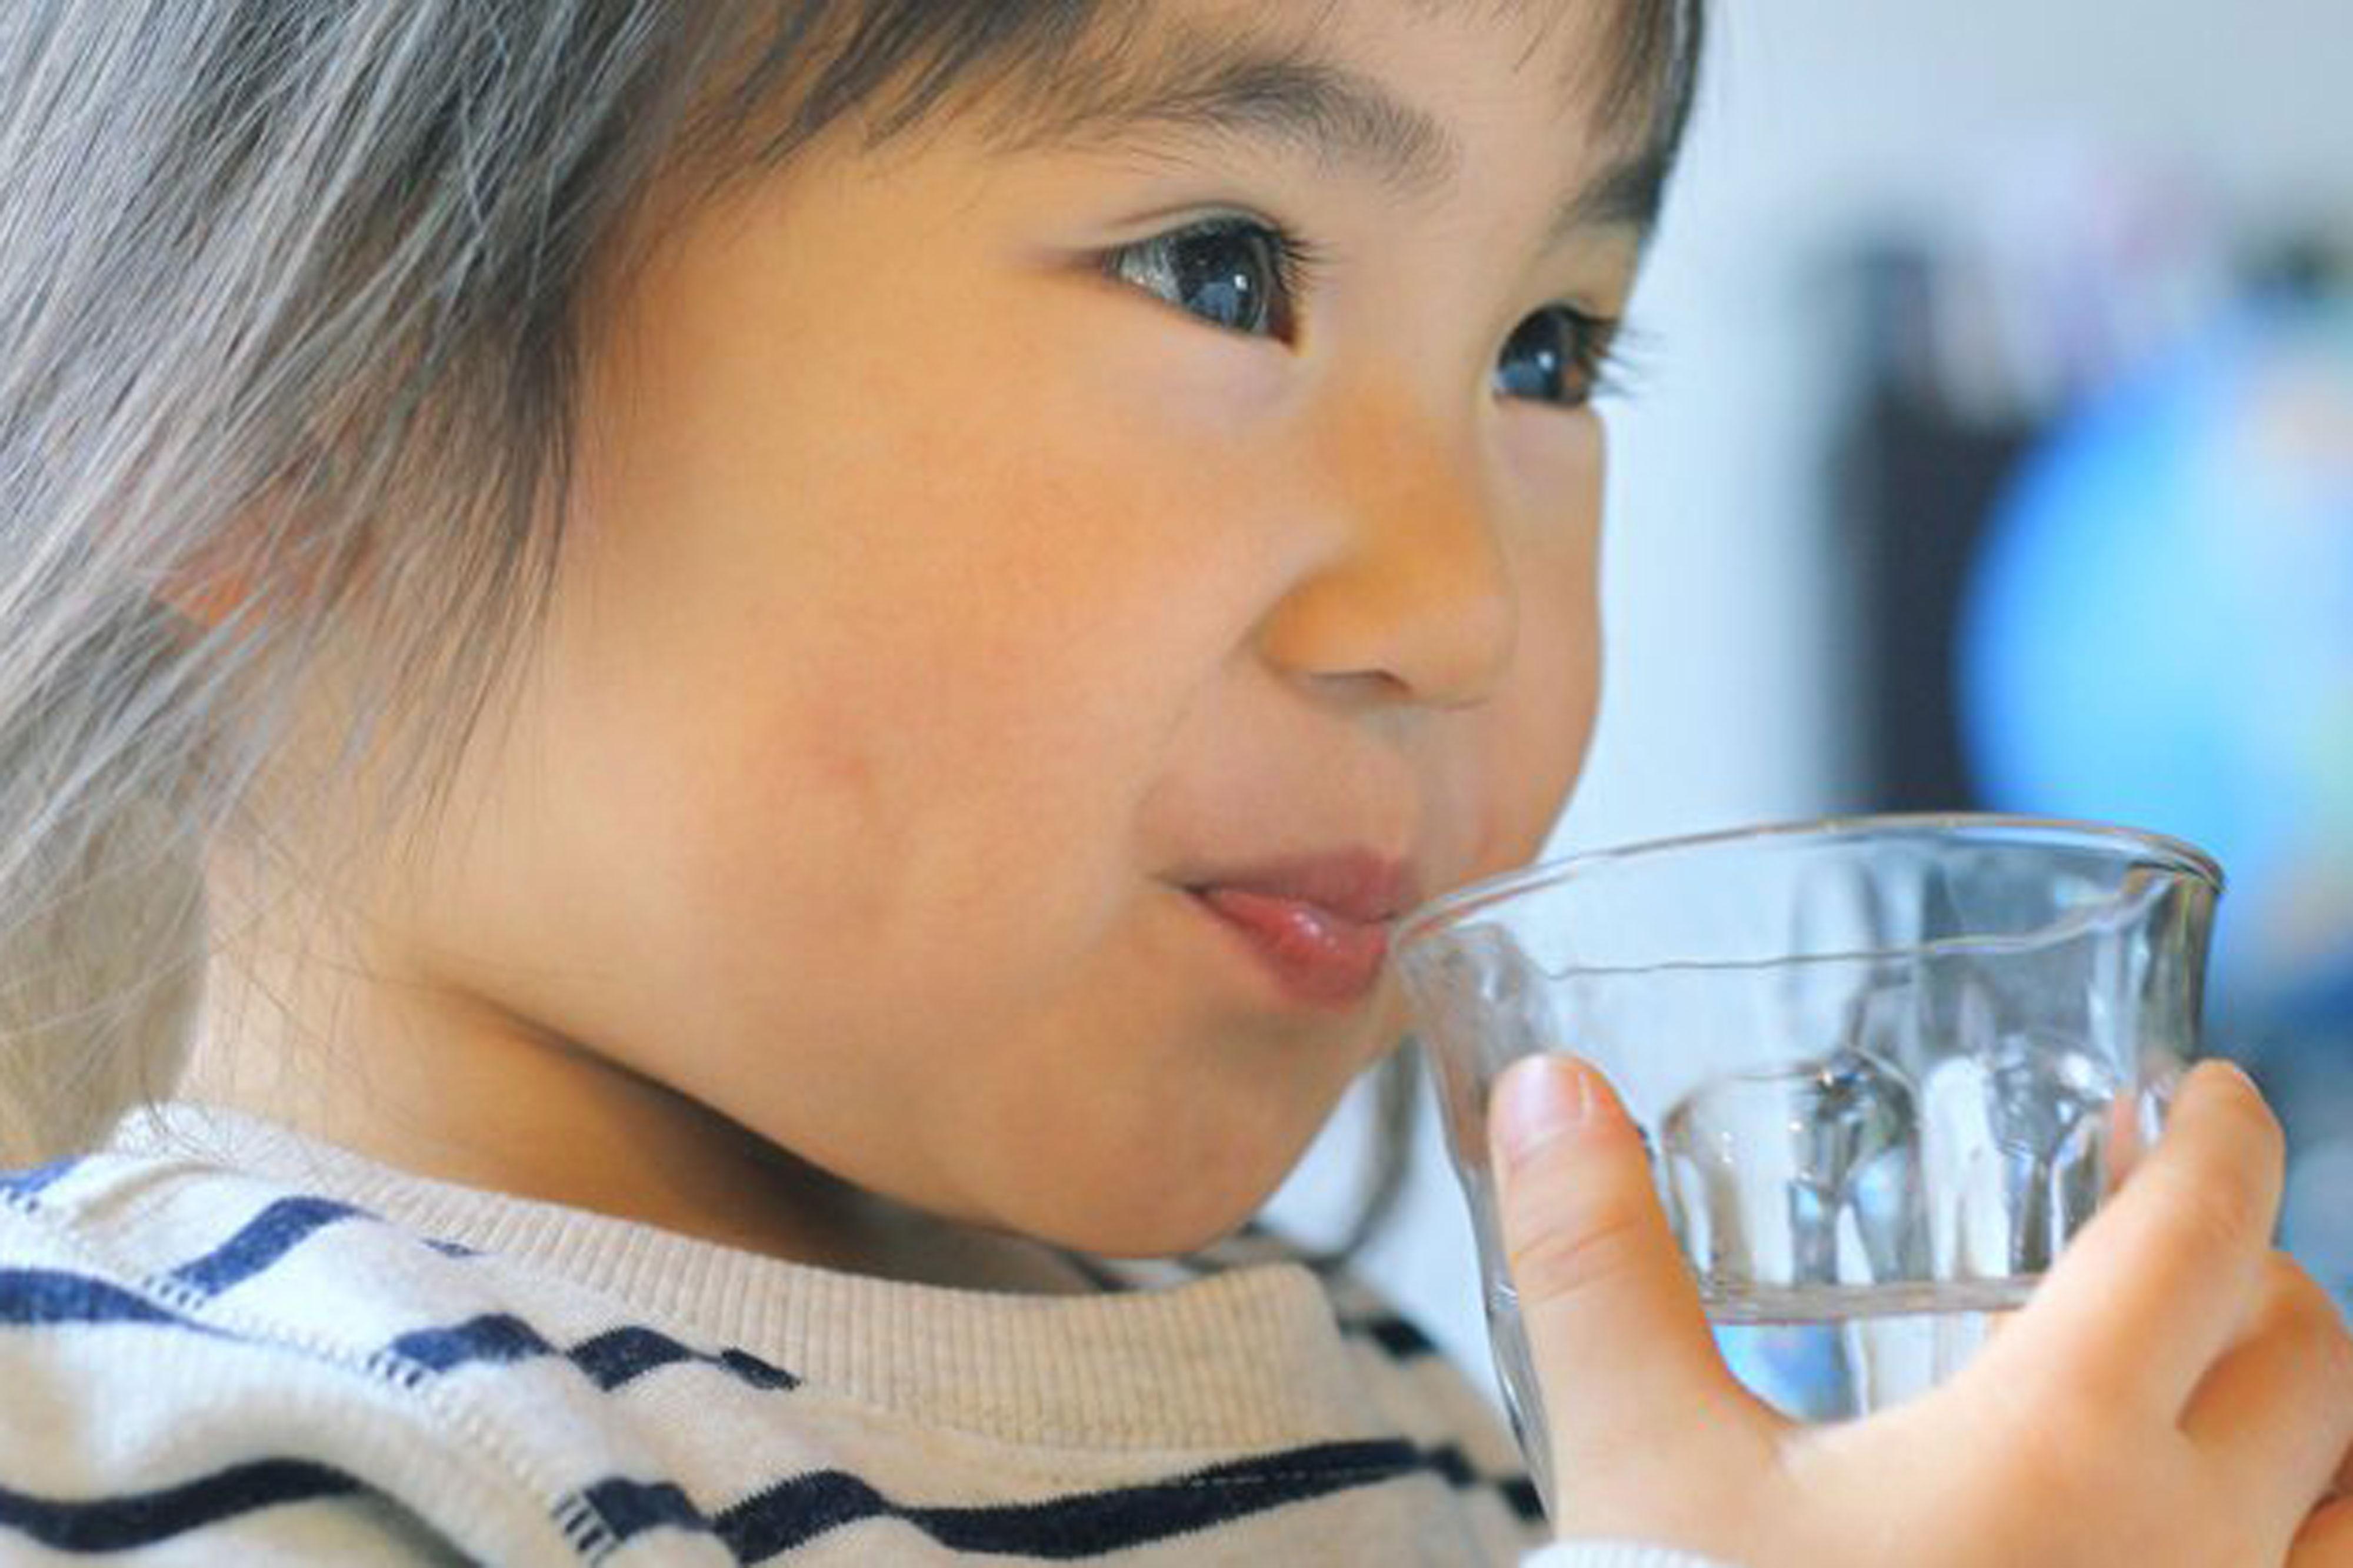 子どもの発育におすすめ&NGな飲み物まとめ。飲み物選びで気を付けたいこと